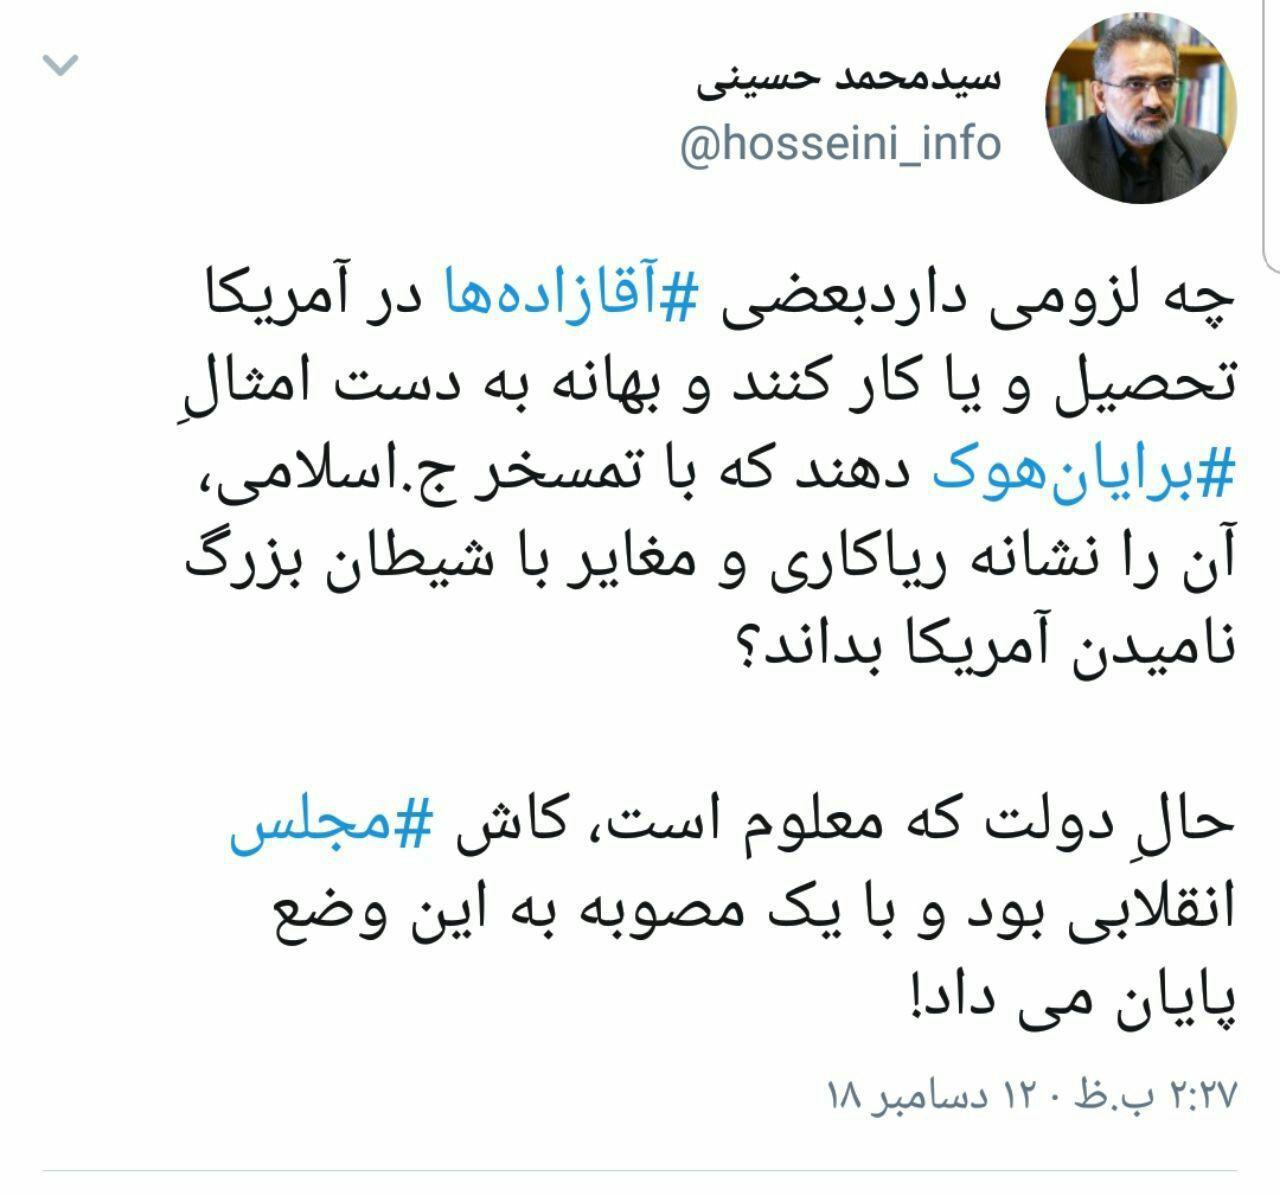 واکنش سید محمد حسینی به خبر اخراج فرزندان مقامات از آمریکا